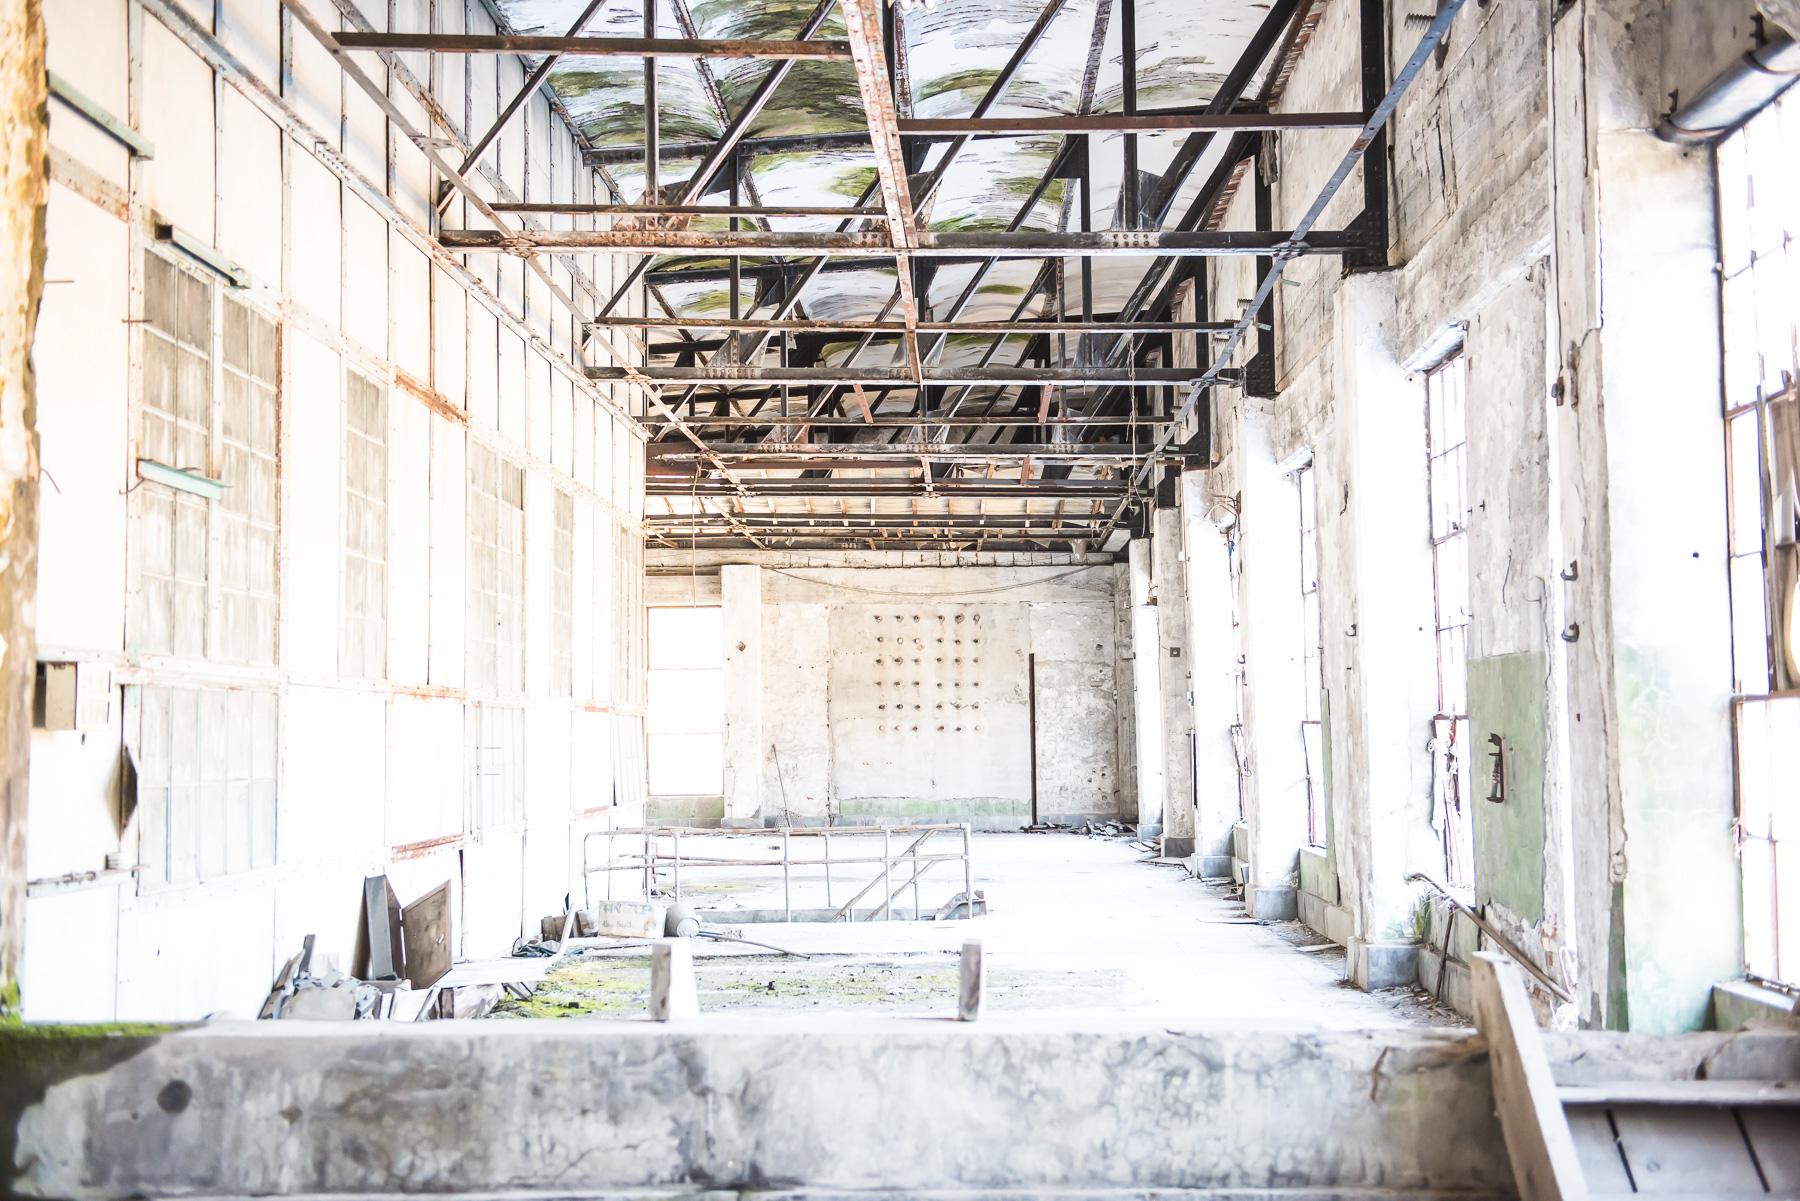 旧北炭清水沢火力発電所:2階部分を広角で撮影